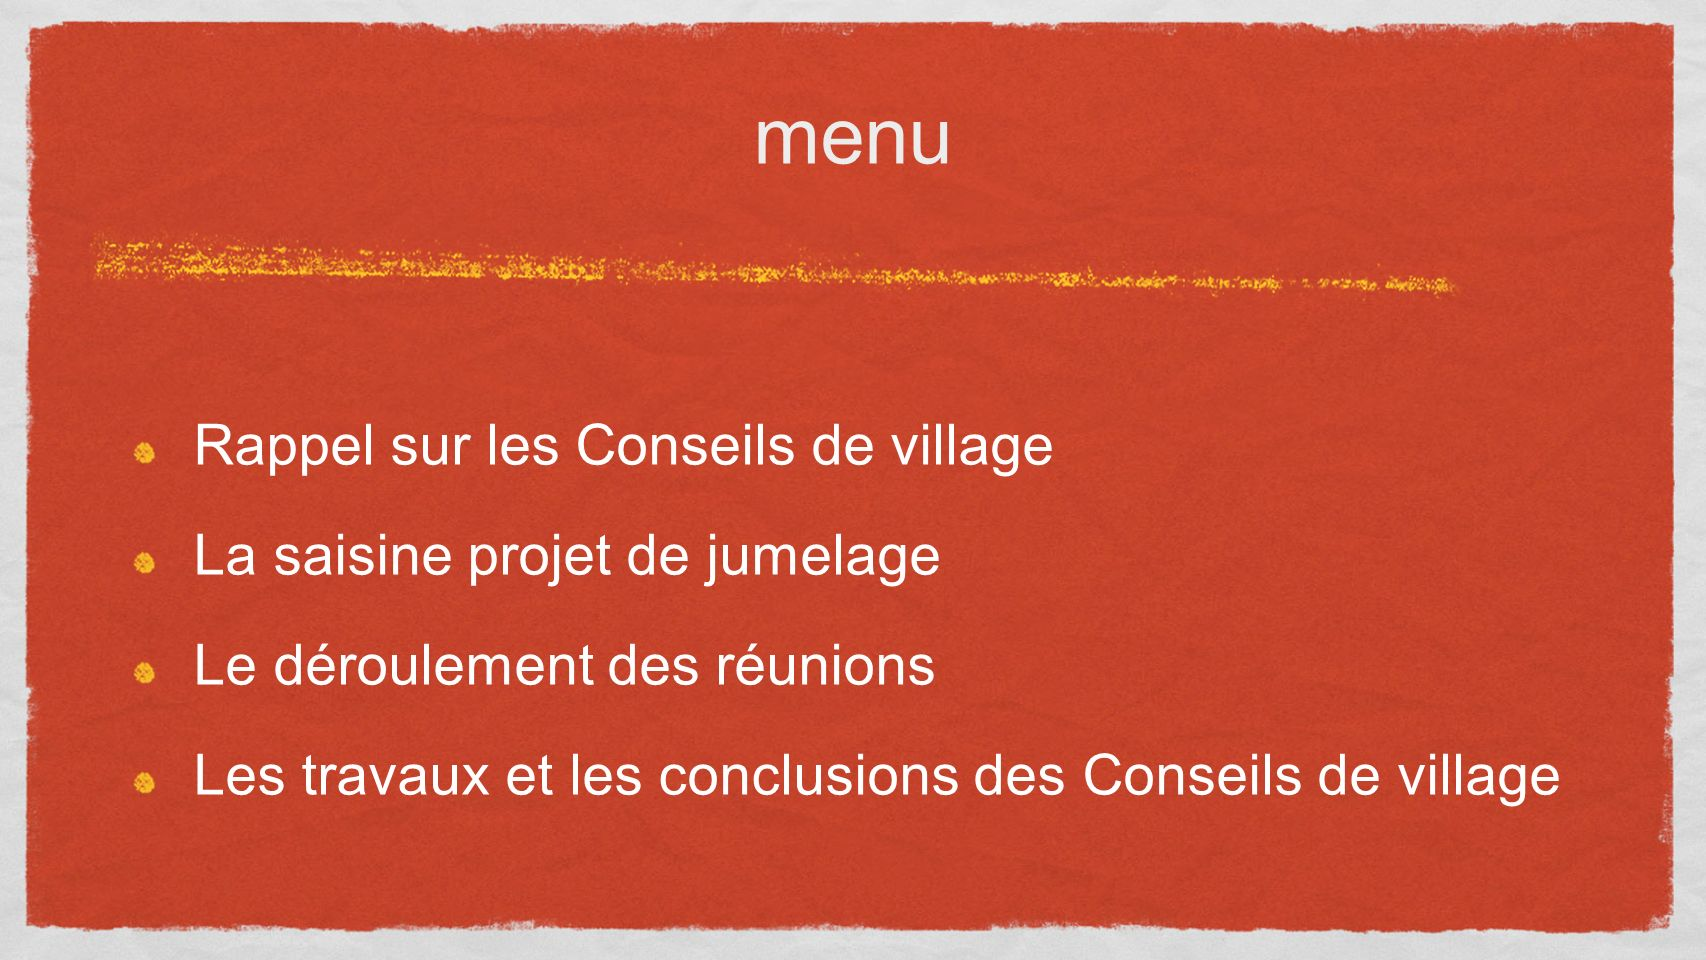 Rappel sur les Conseils de village La saisine projet de jumelage Le déroulement des réunions Les travaux et les conclusions des Conseils de village menu